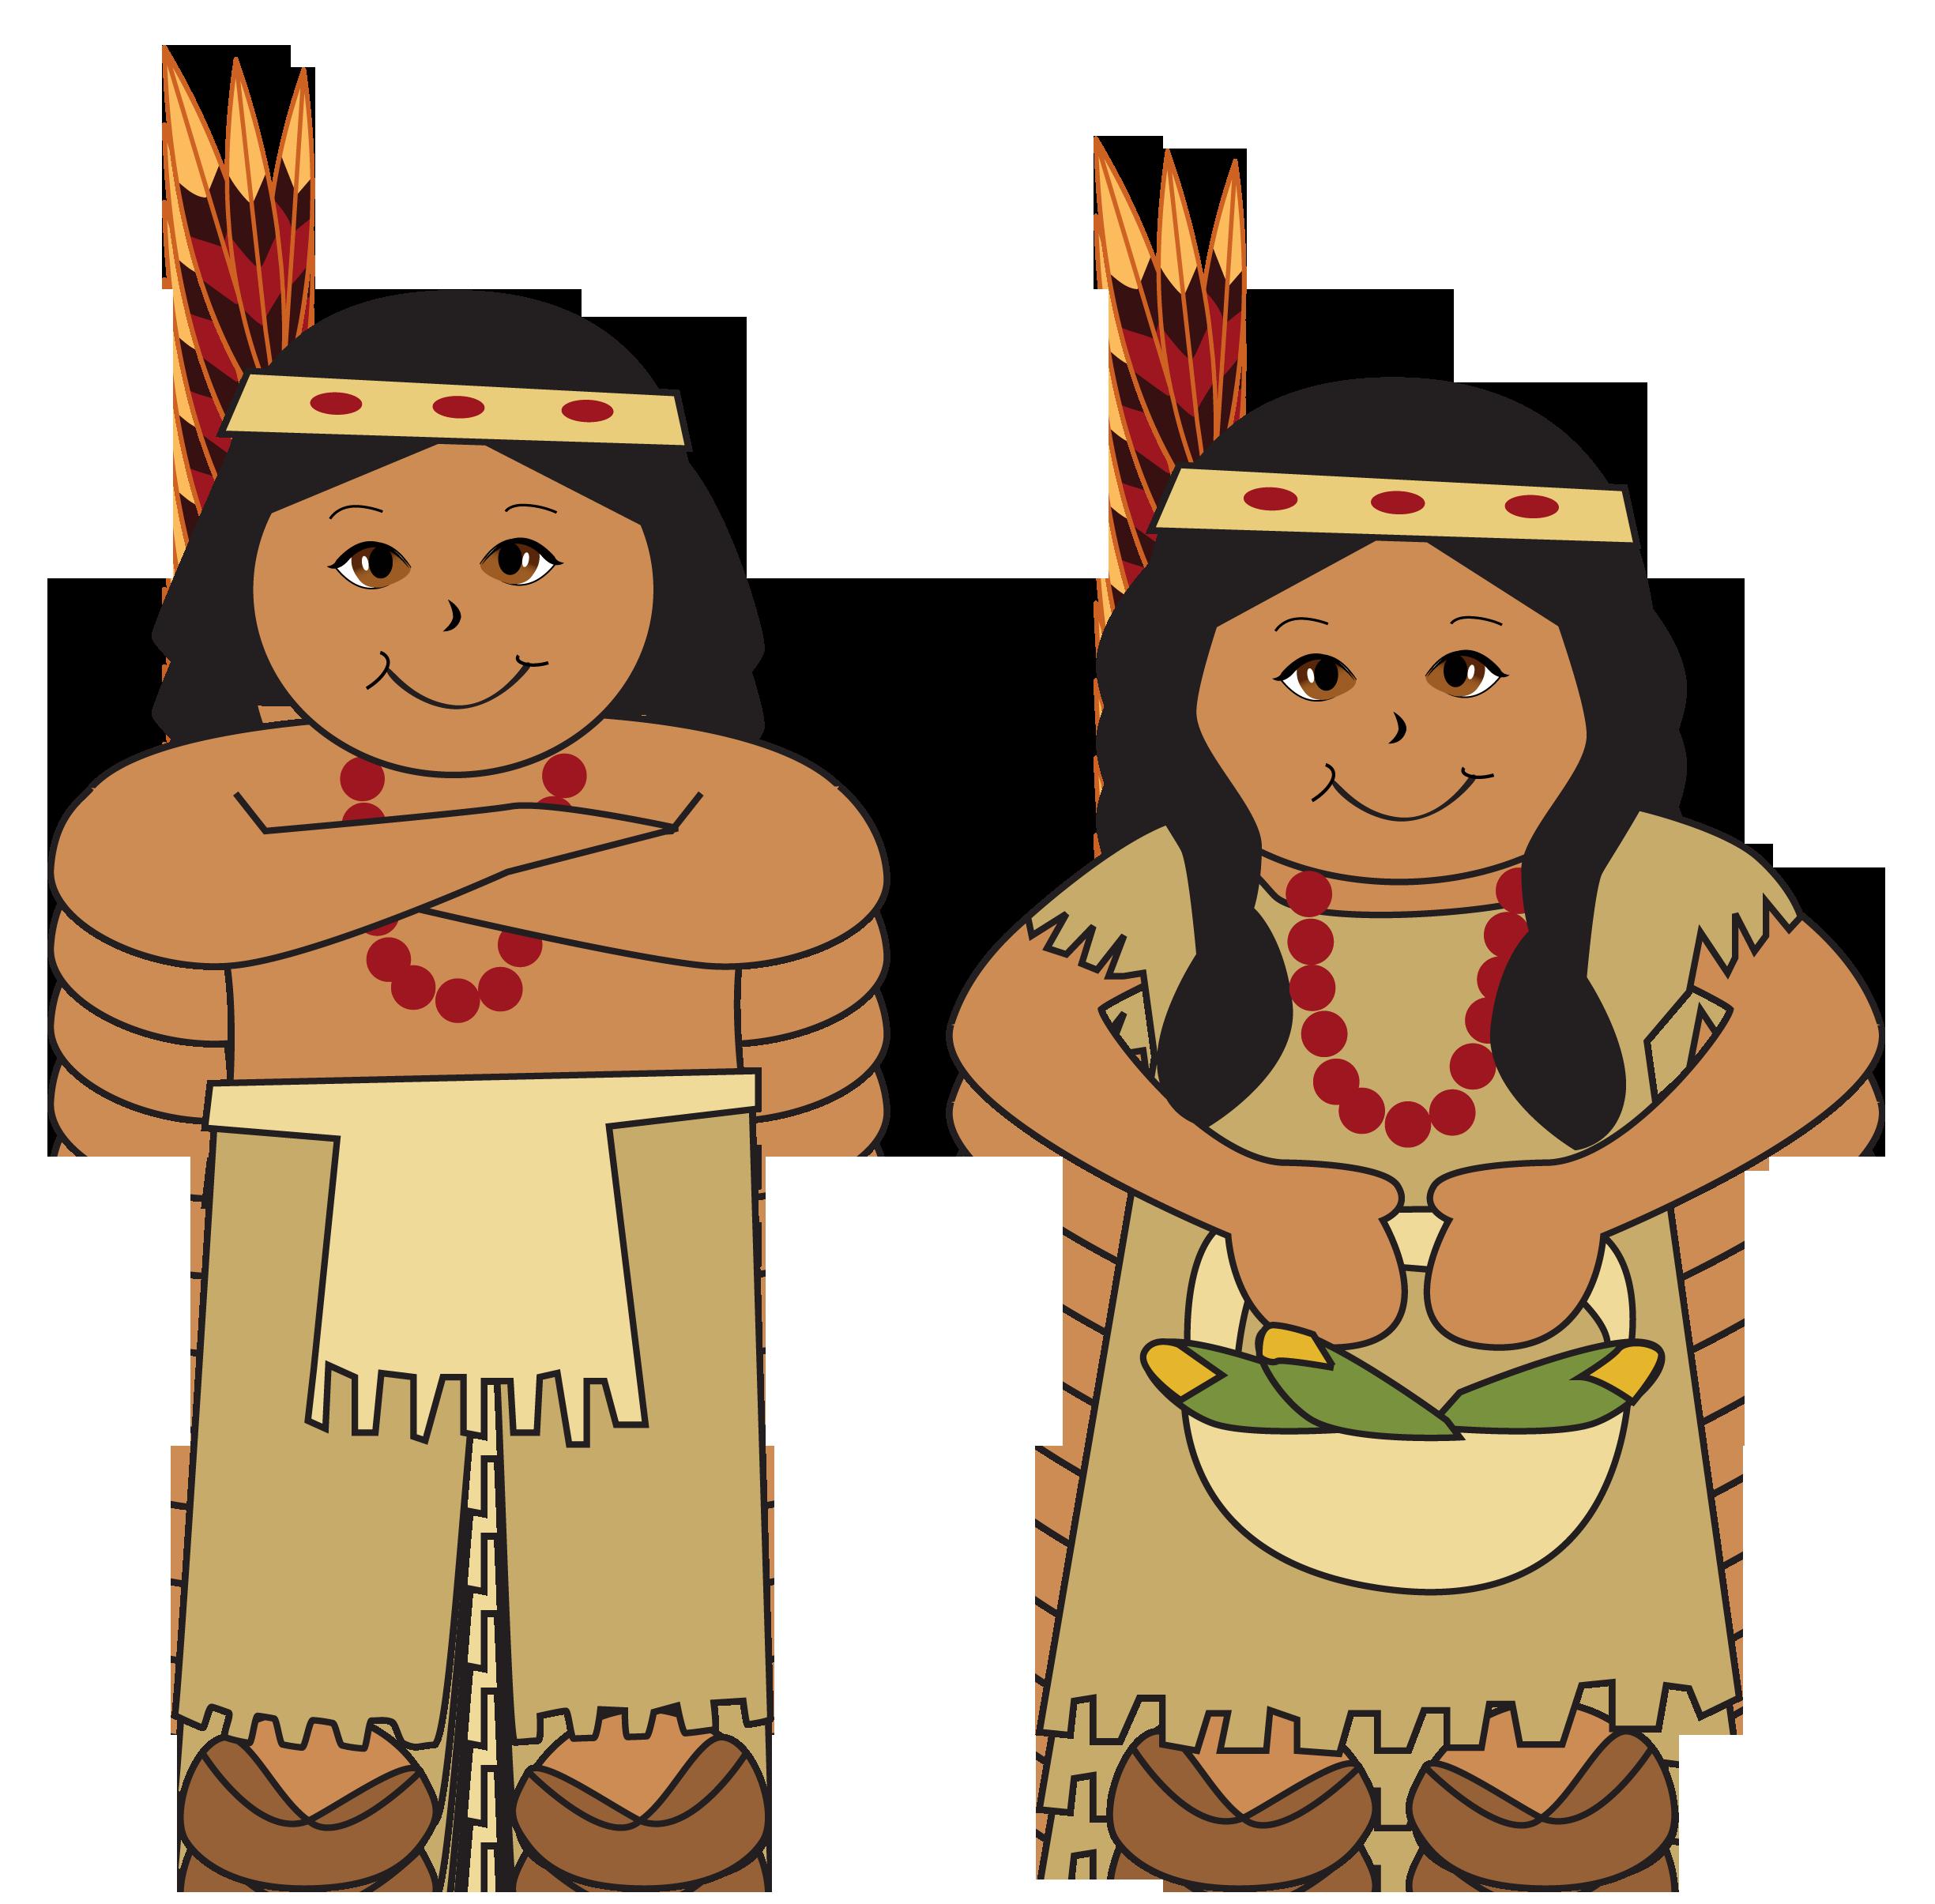 2449x2410 Native Americans Clipart Tumundografico 2